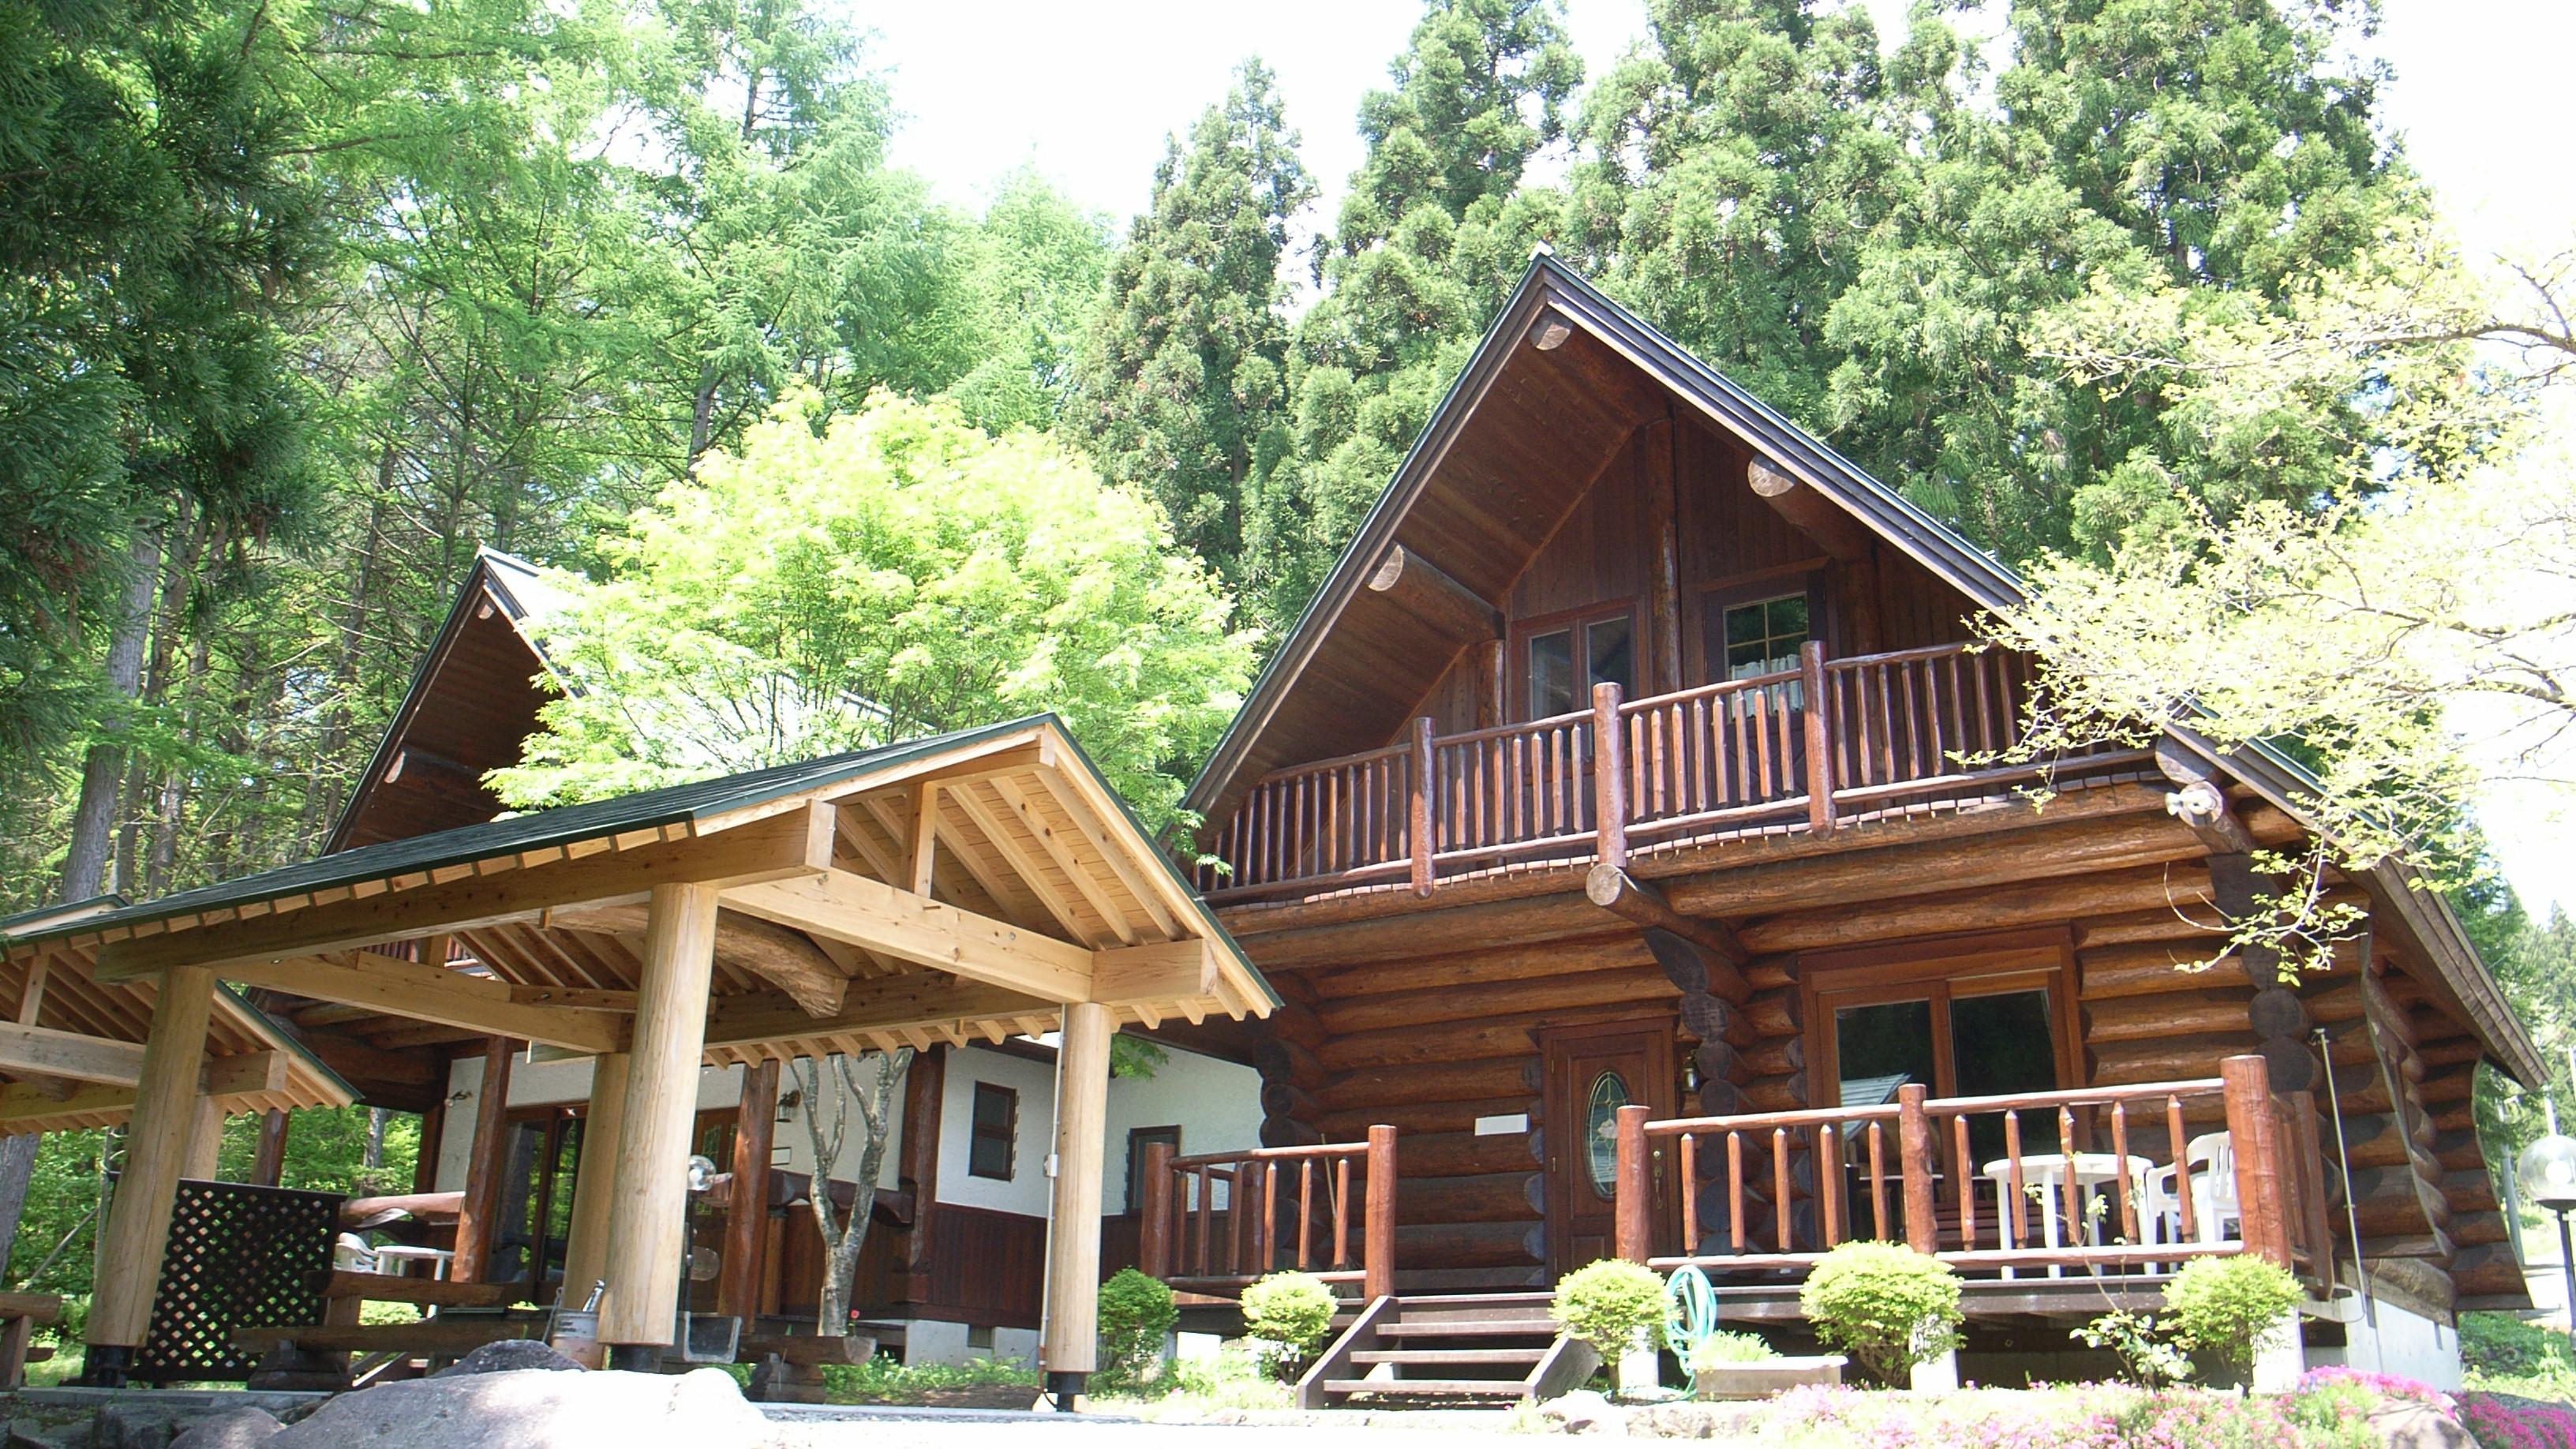 しゃくなげ平貸別荘&コテ-ジ オール・リゾート・サービス